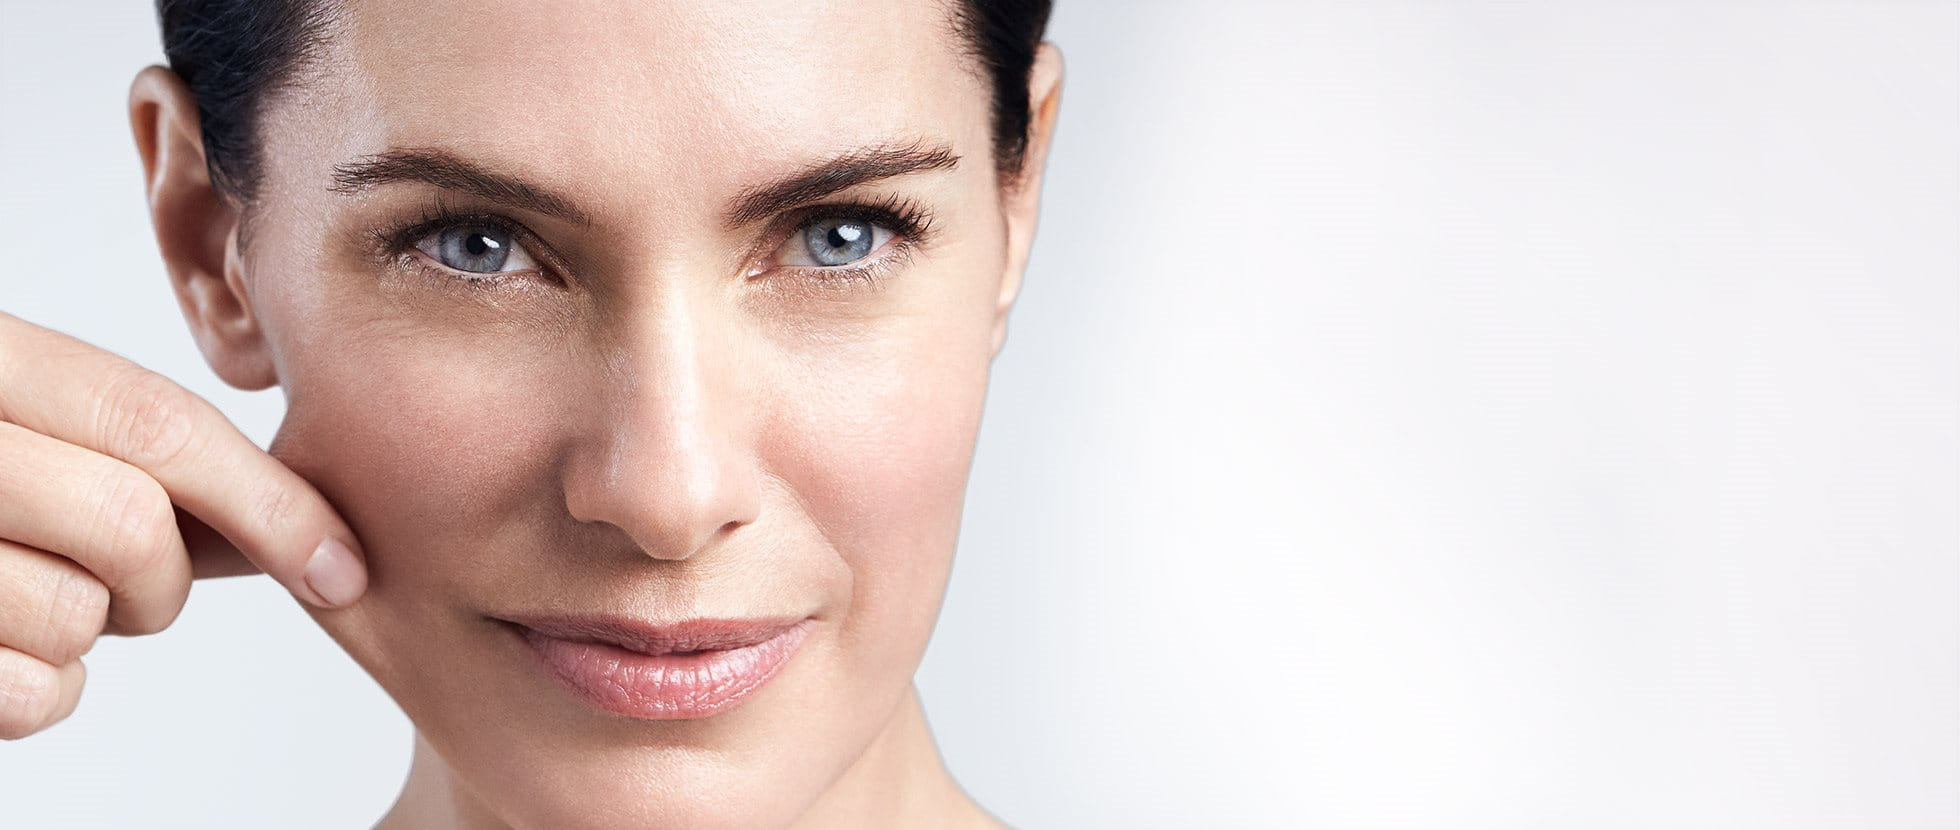 Skin elasticity: how to tighten skin